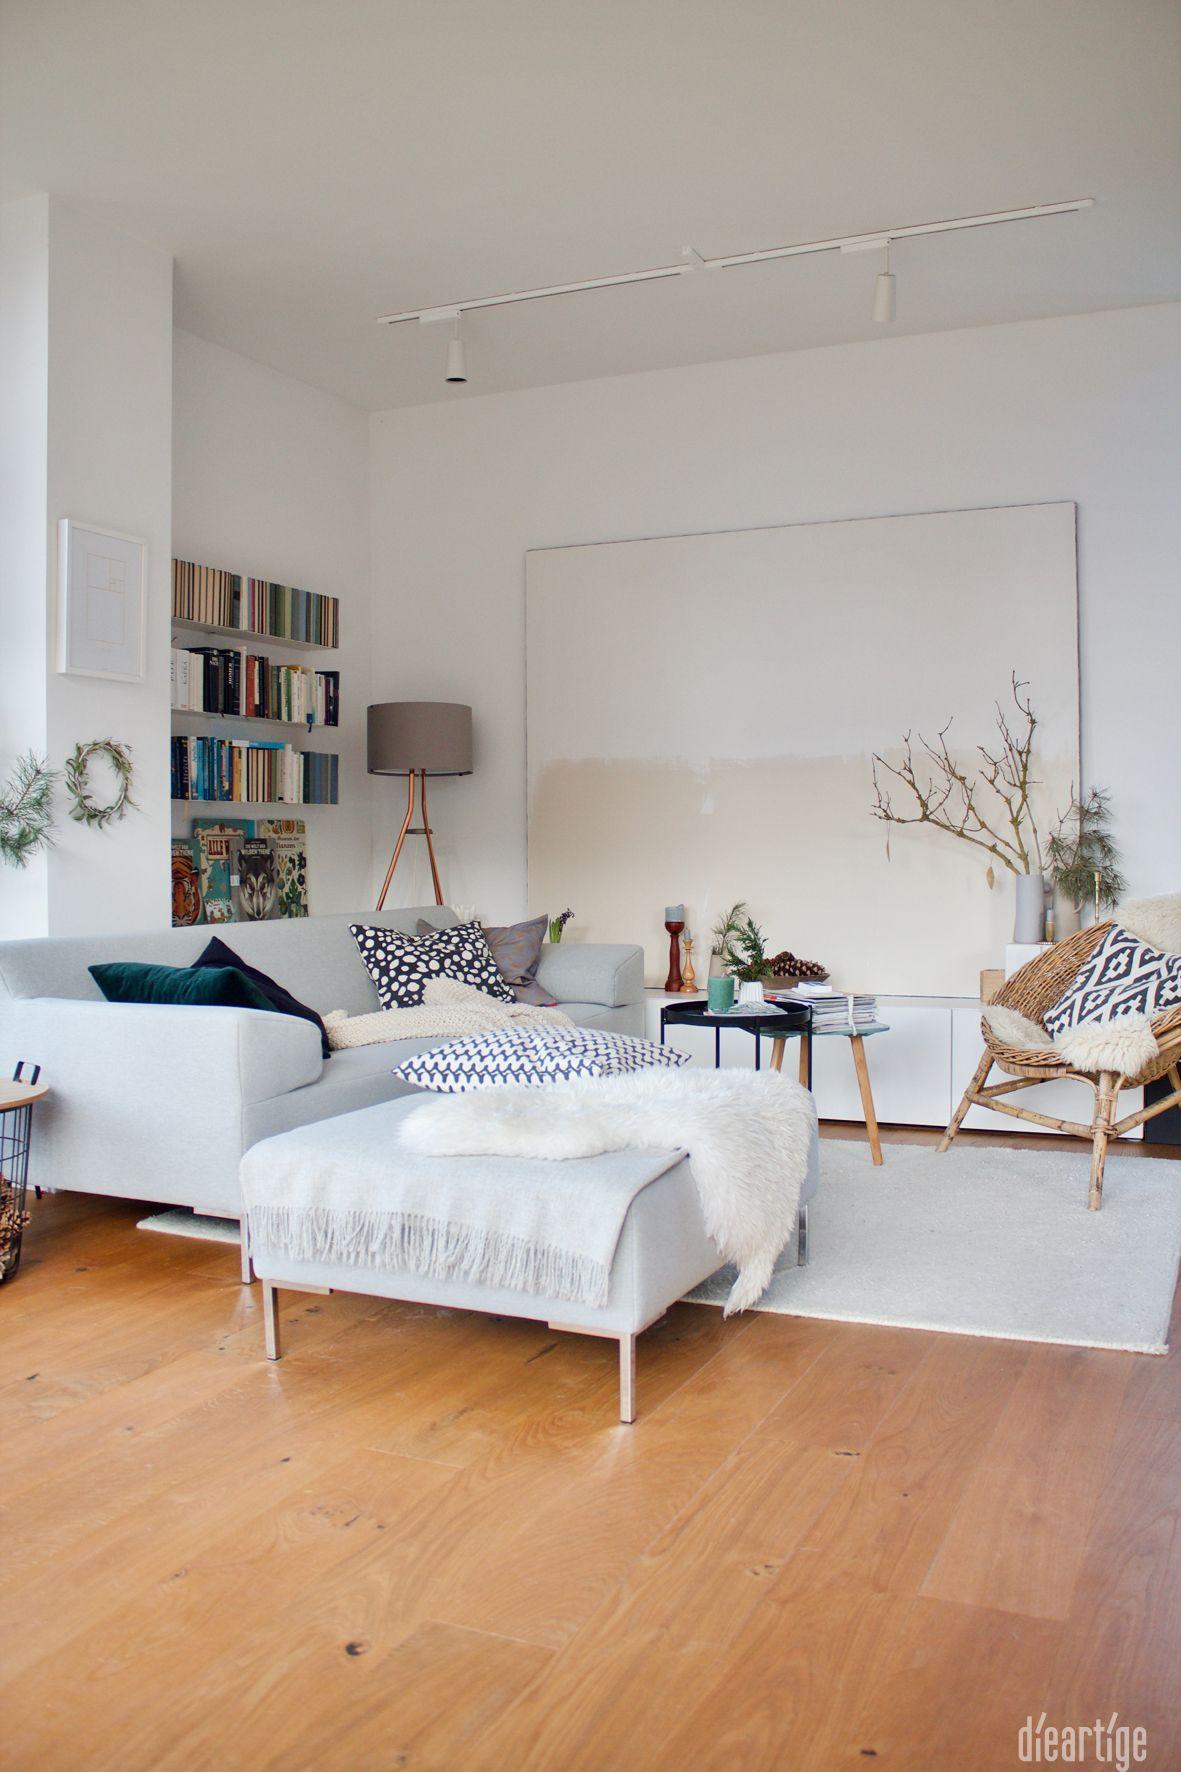 Dieartige Wohnzimmer In Weiss Und Naturtonen Dieartigehome In